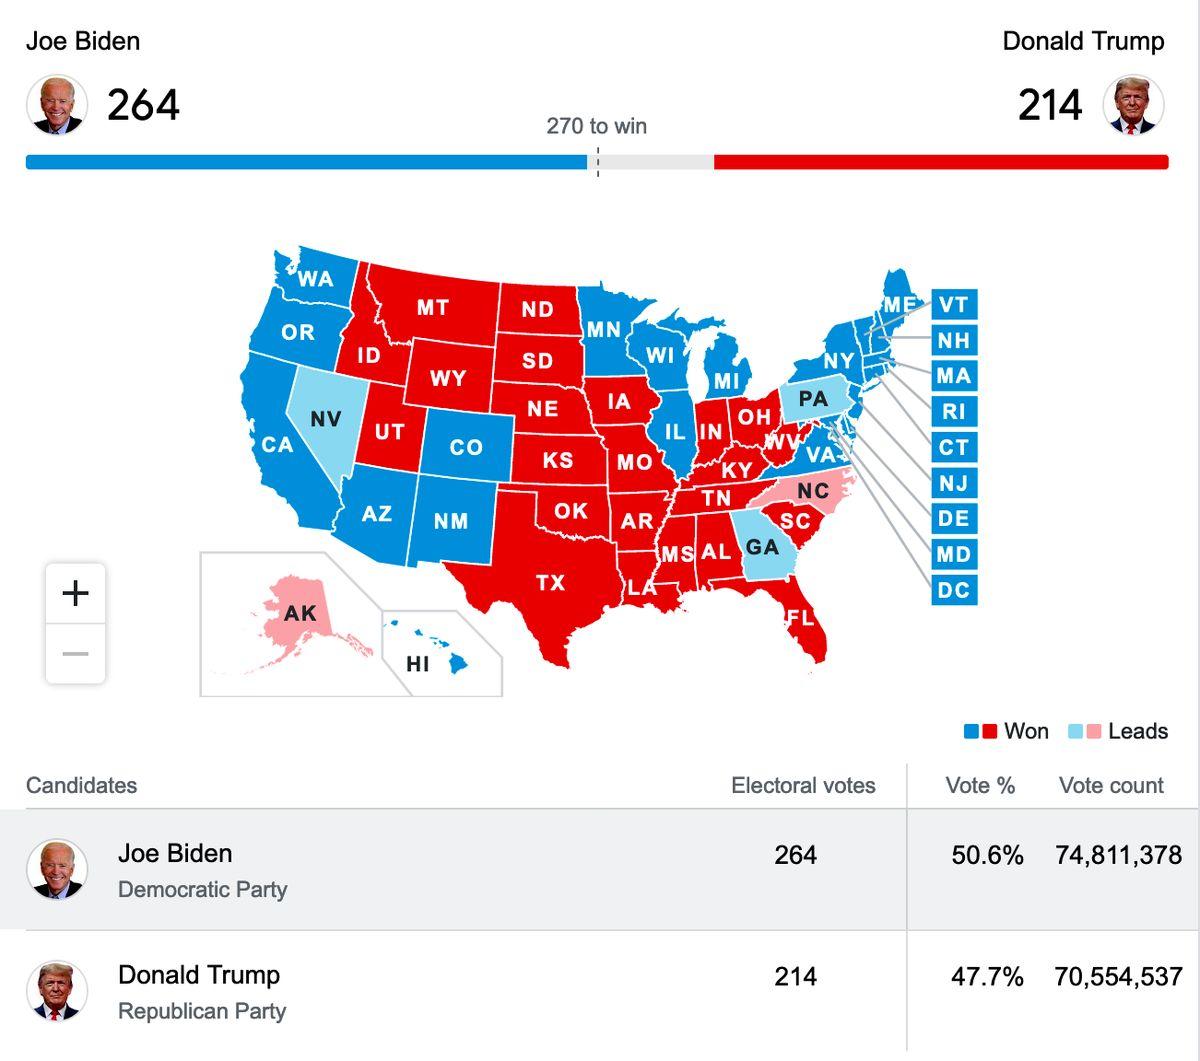 با پیروزی جو بایدن در برابر ترامپ قیمت رپورتاژ آگهی تغییری میکند؟